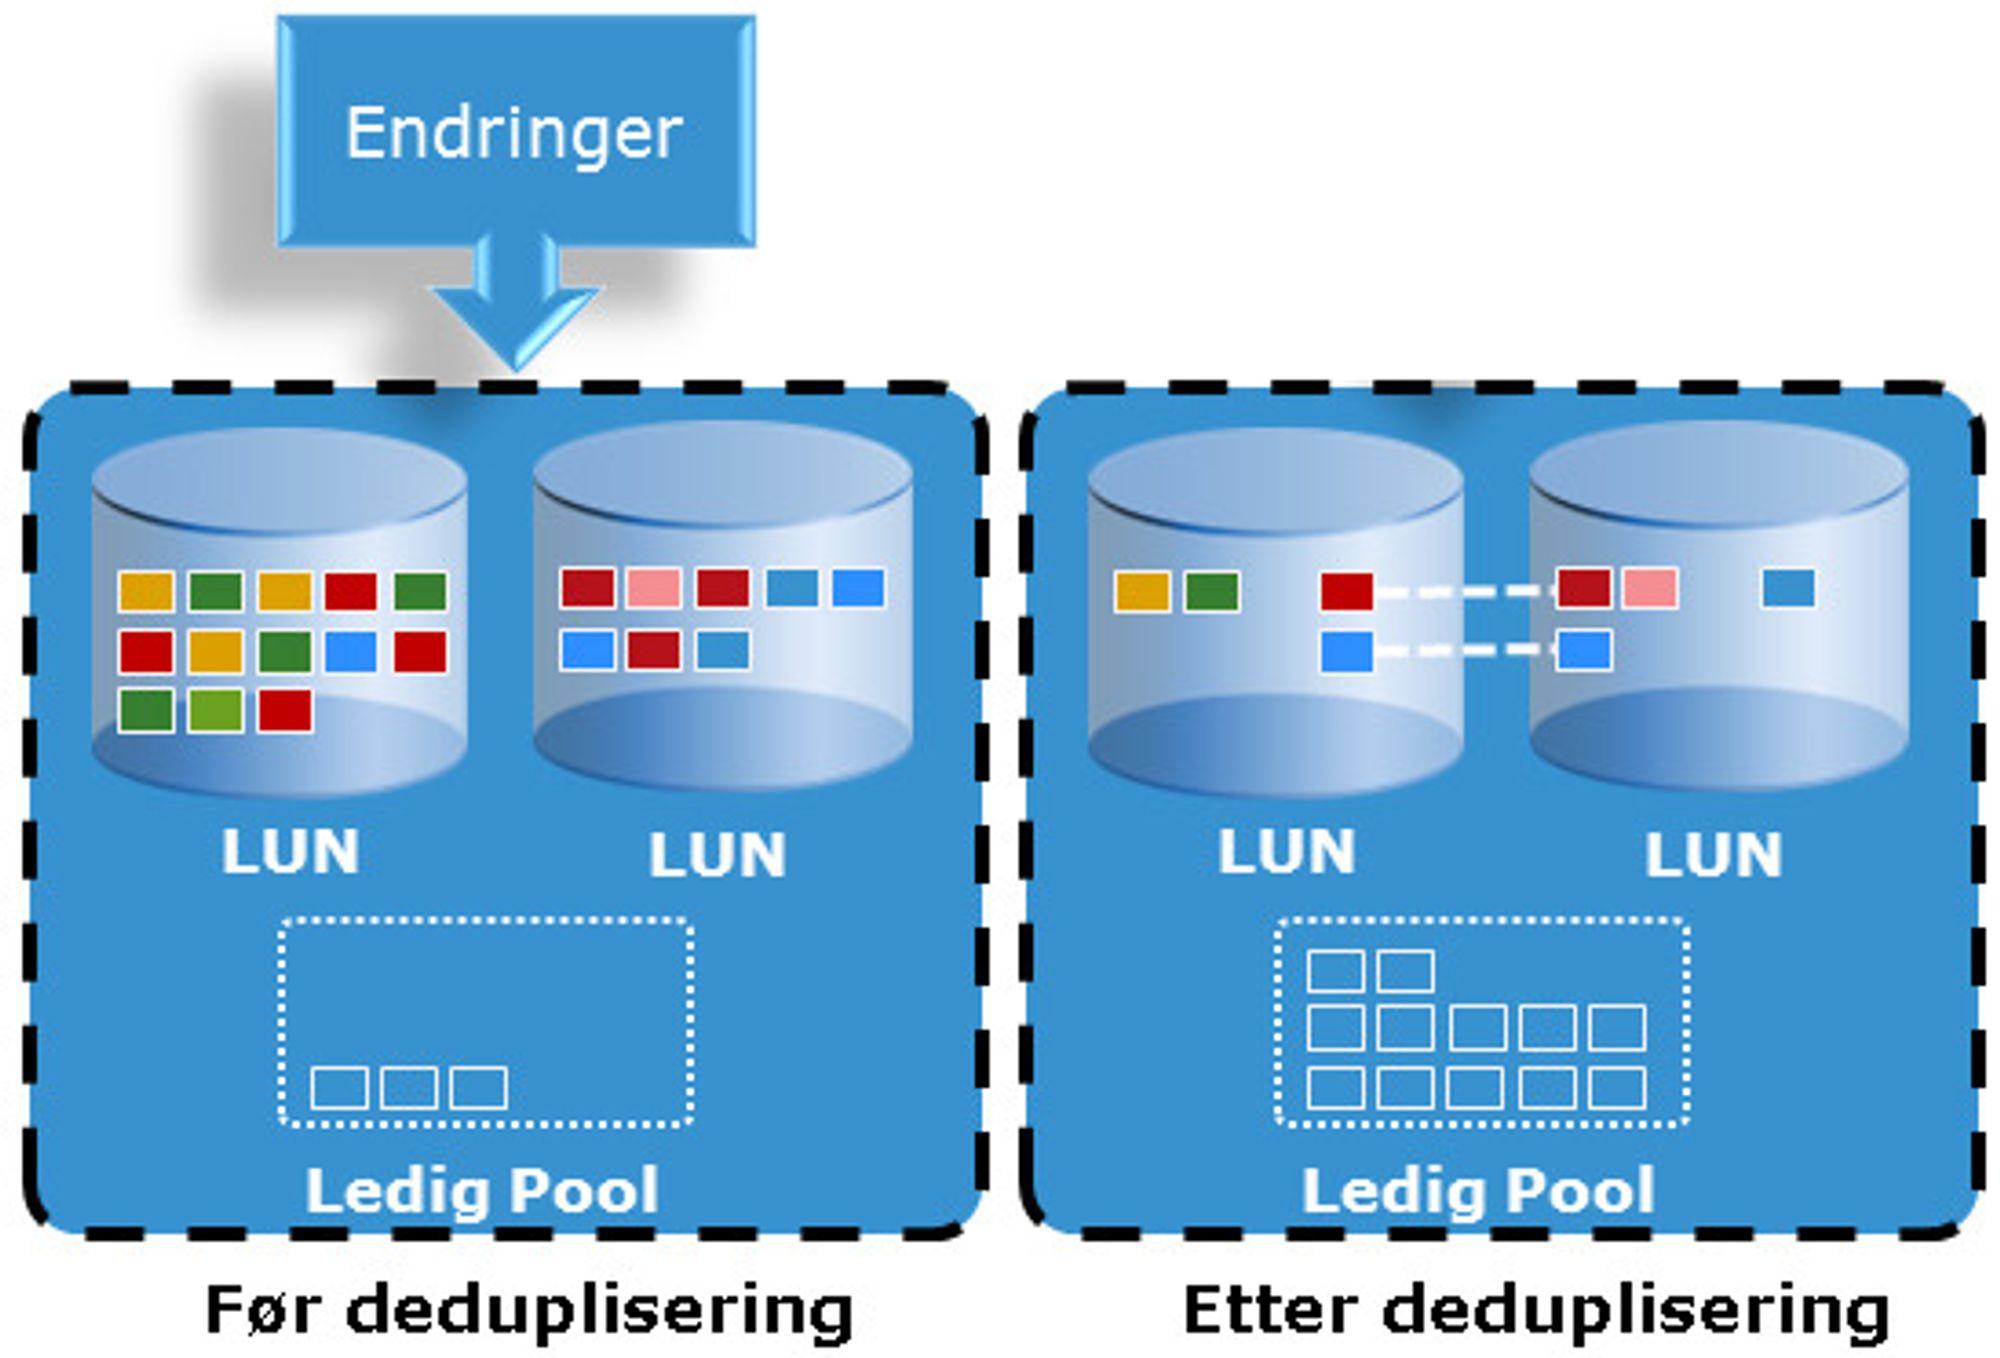 Blokkdeduplisering skjer etter at endringene er skrevet til disk. Den medfører en betydelig økning av ledig kapasitet.